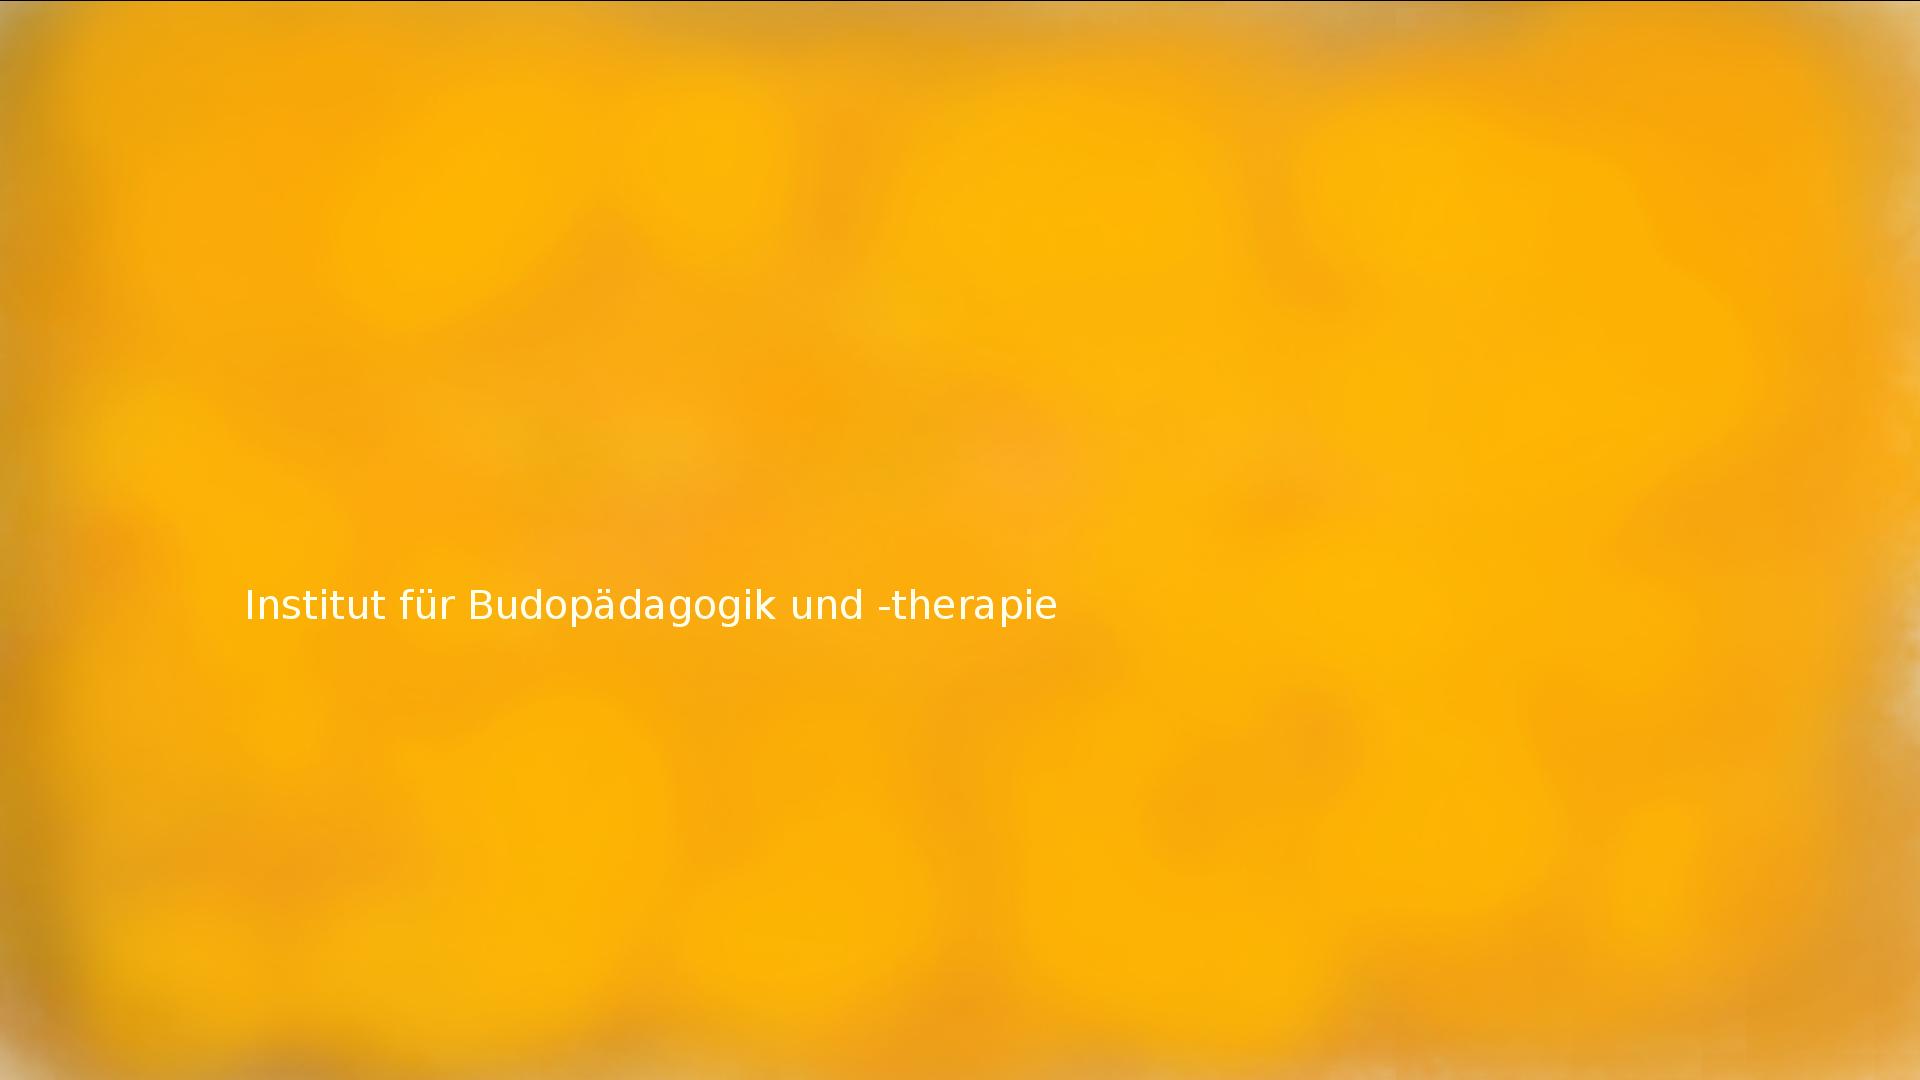 Institut für Budopädagogik und -therapie